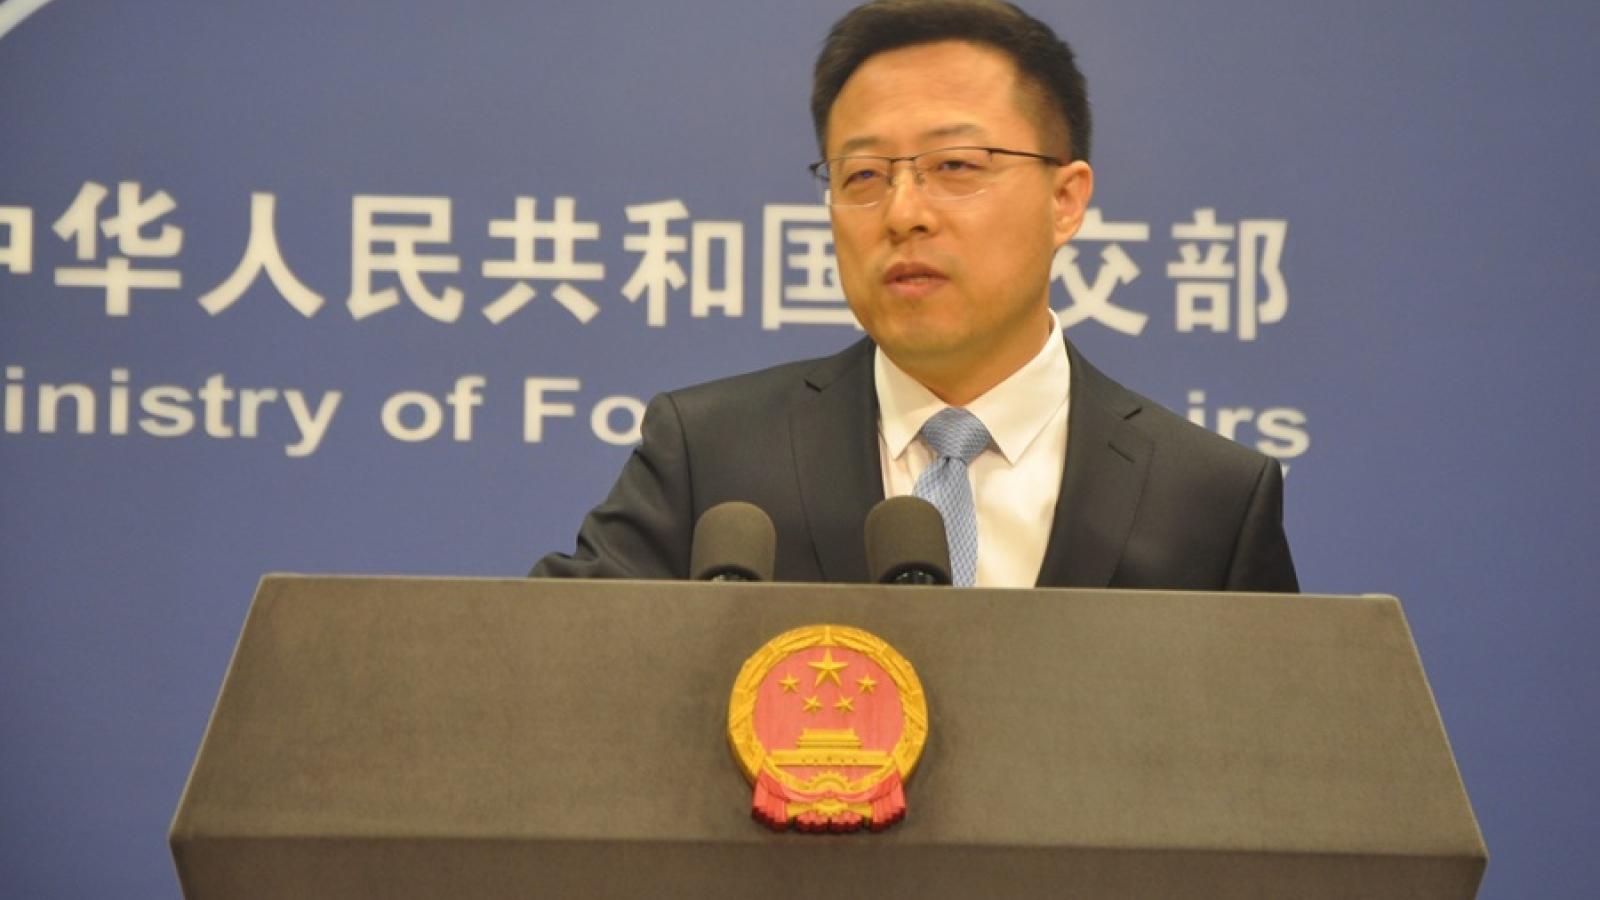 Trung Quốc yêu cầu Mỹ rút ngay lệnh trừng phạt quan chức Tân Cương